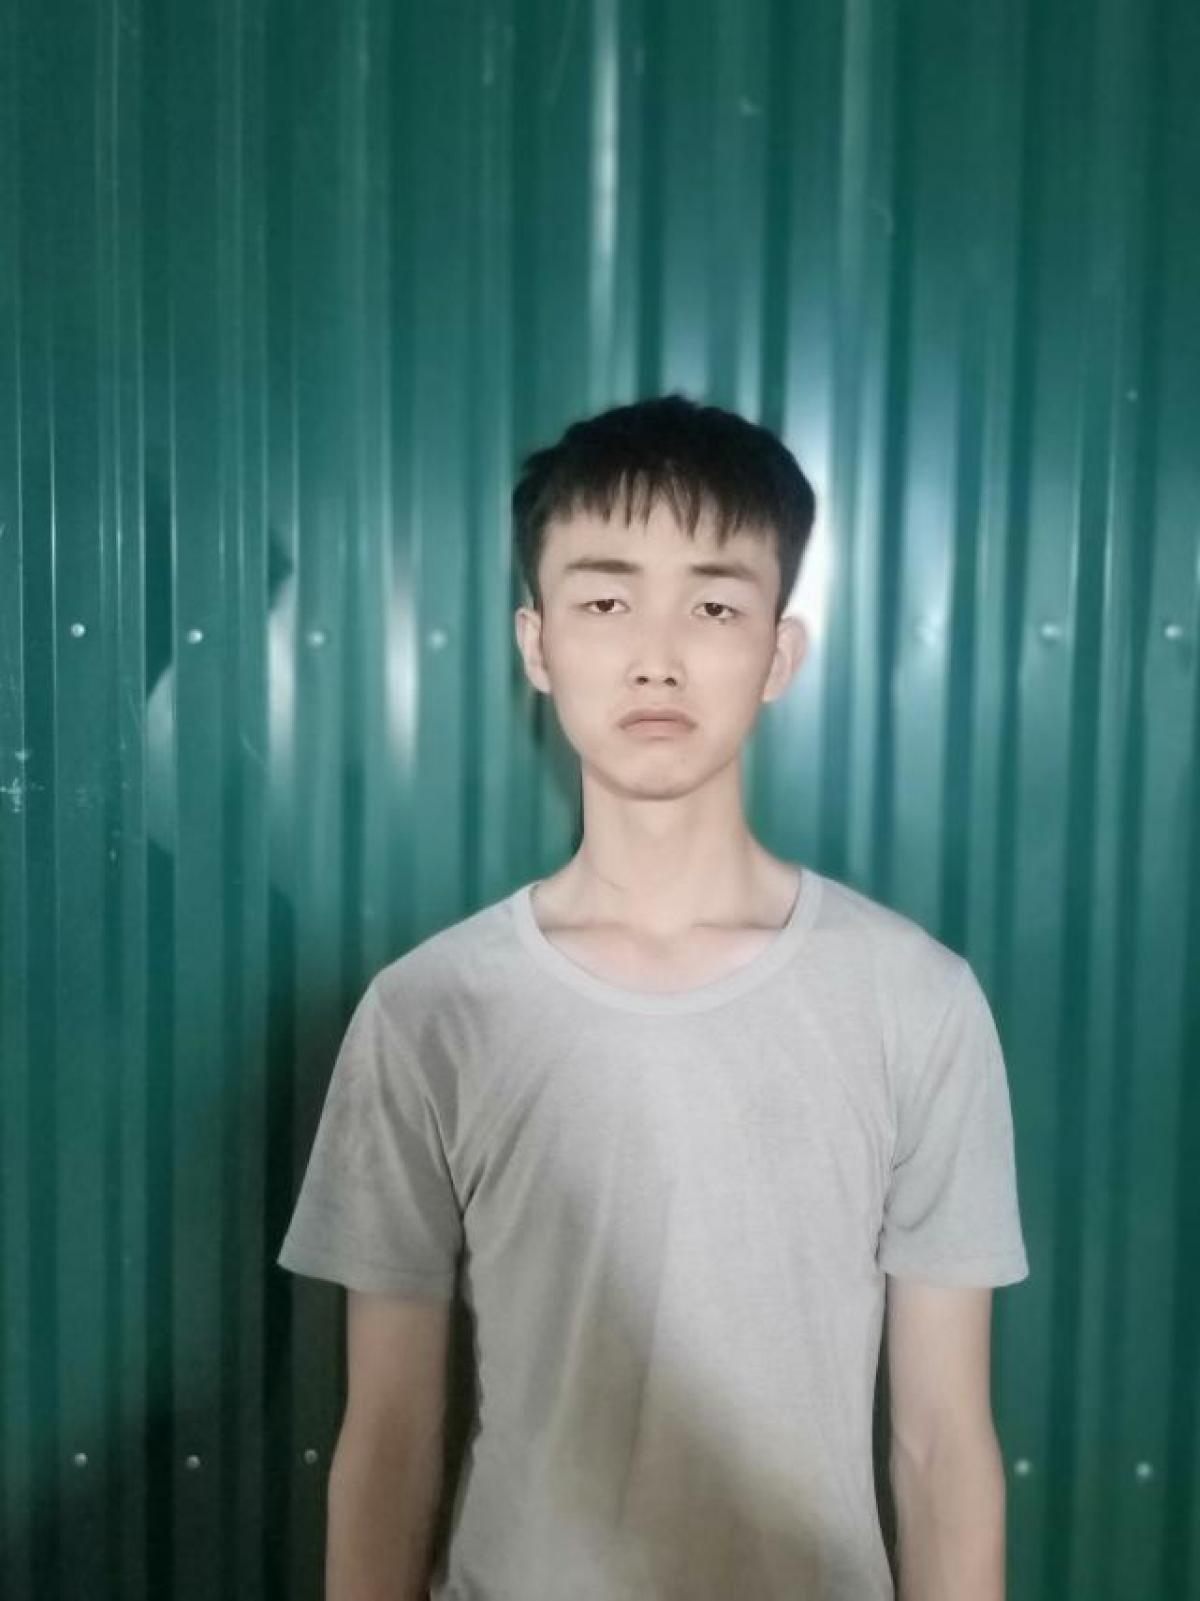 Đối tượng XuJun, người Trung Quốc nhập cảnh trái phép khi bị bắt giữ